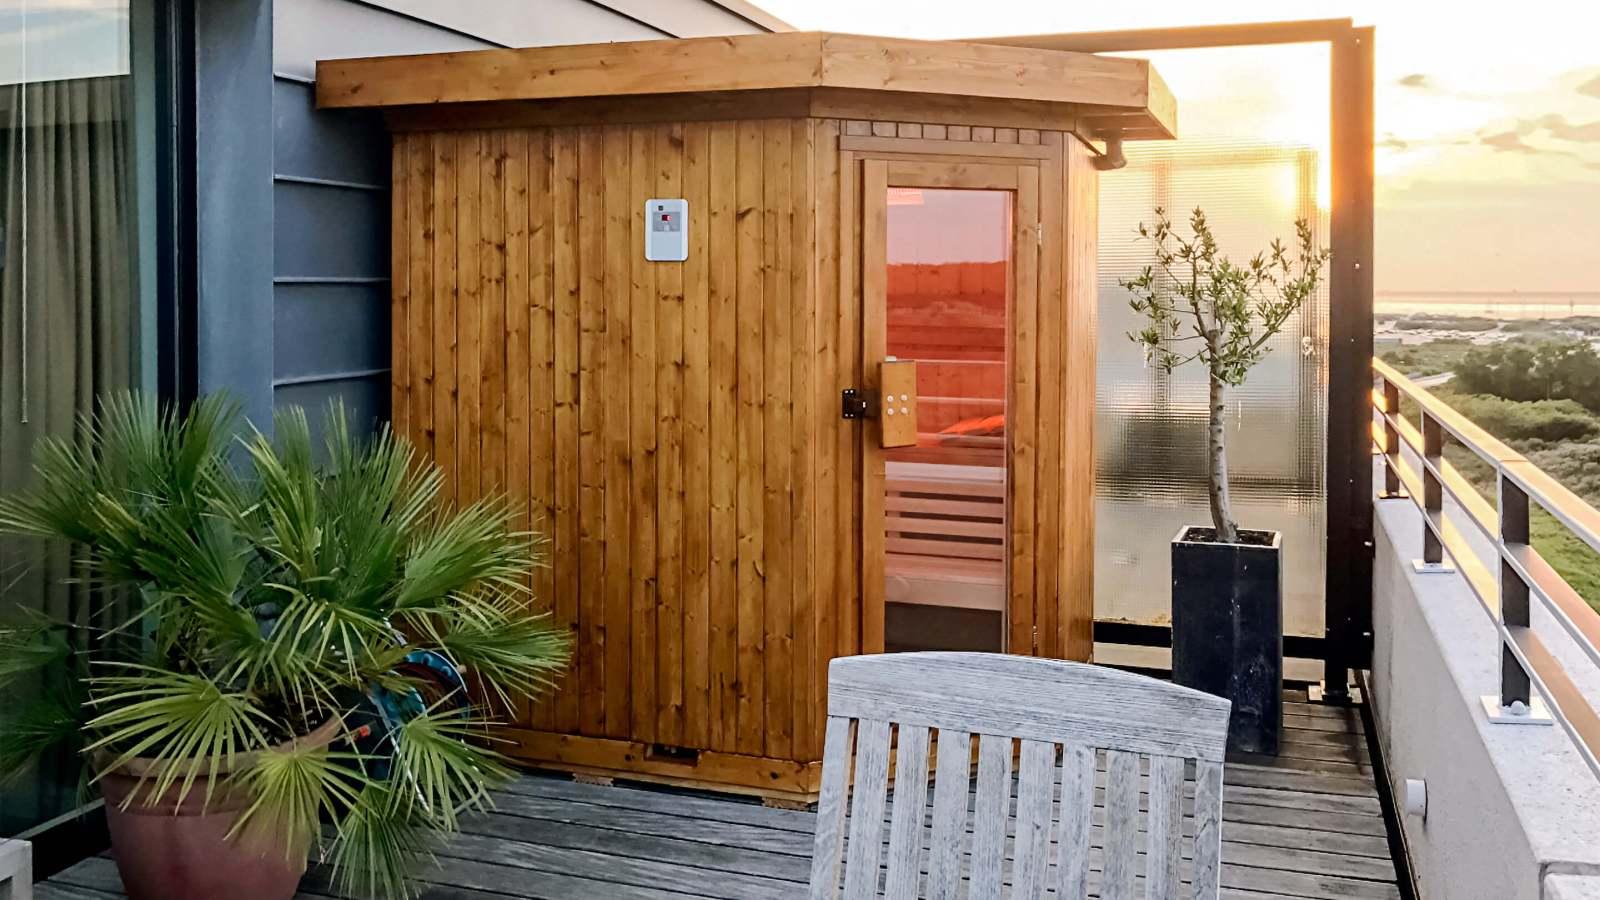 Foto van een maatwerk sauna op een balkon / terras van een appartement.